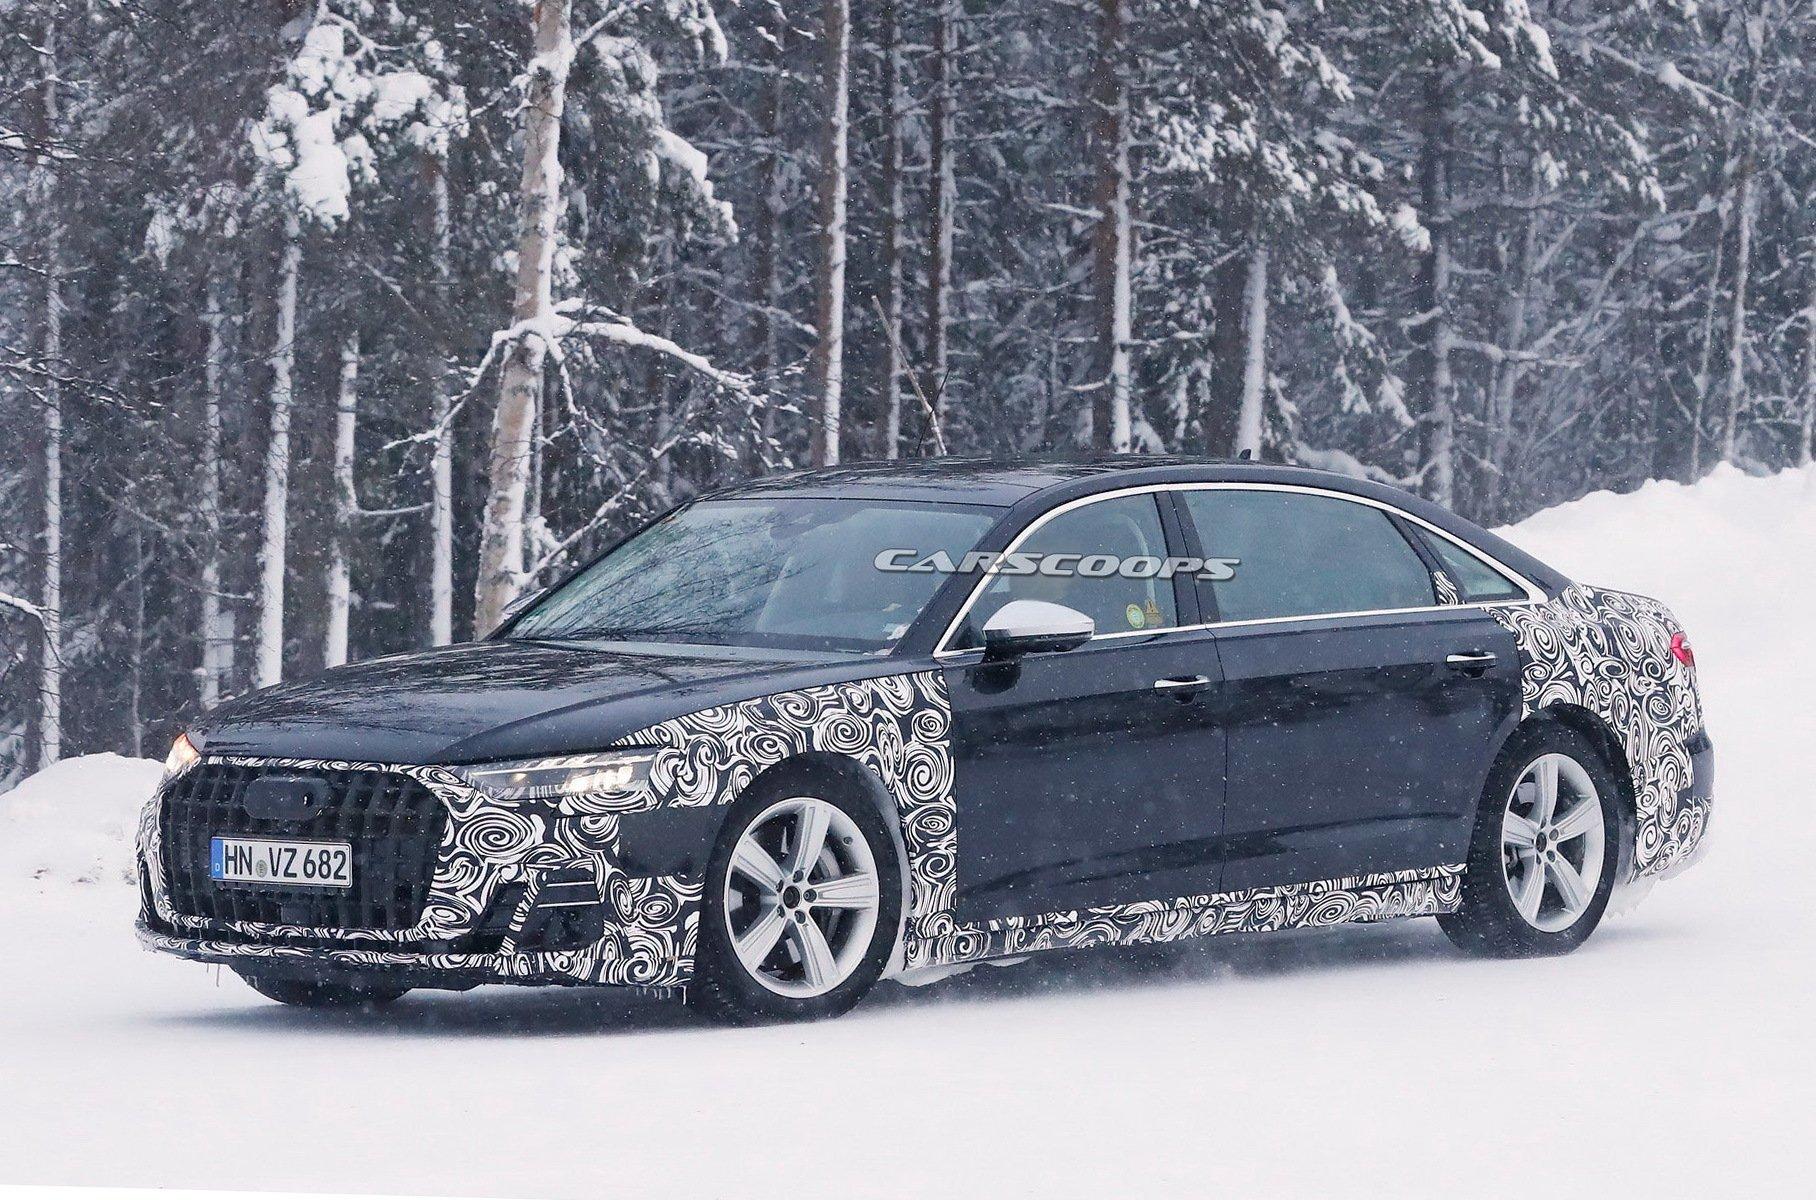 Обнародованы первые фотографии лимузина Audi-Horch